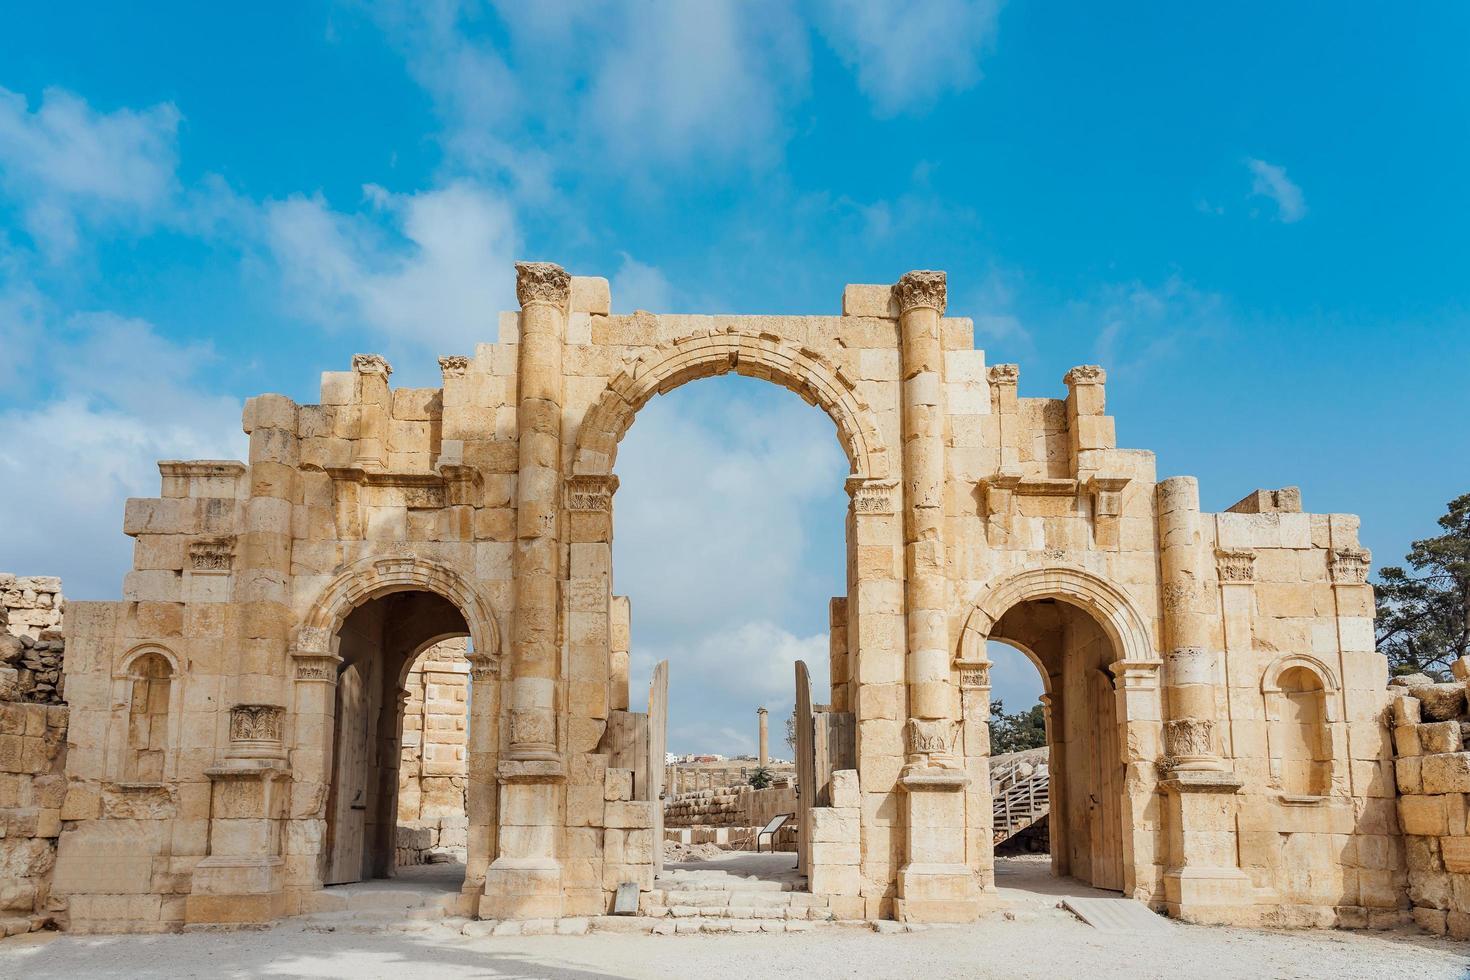 porta sud dell'antica città romana di gerasa, giordania foto